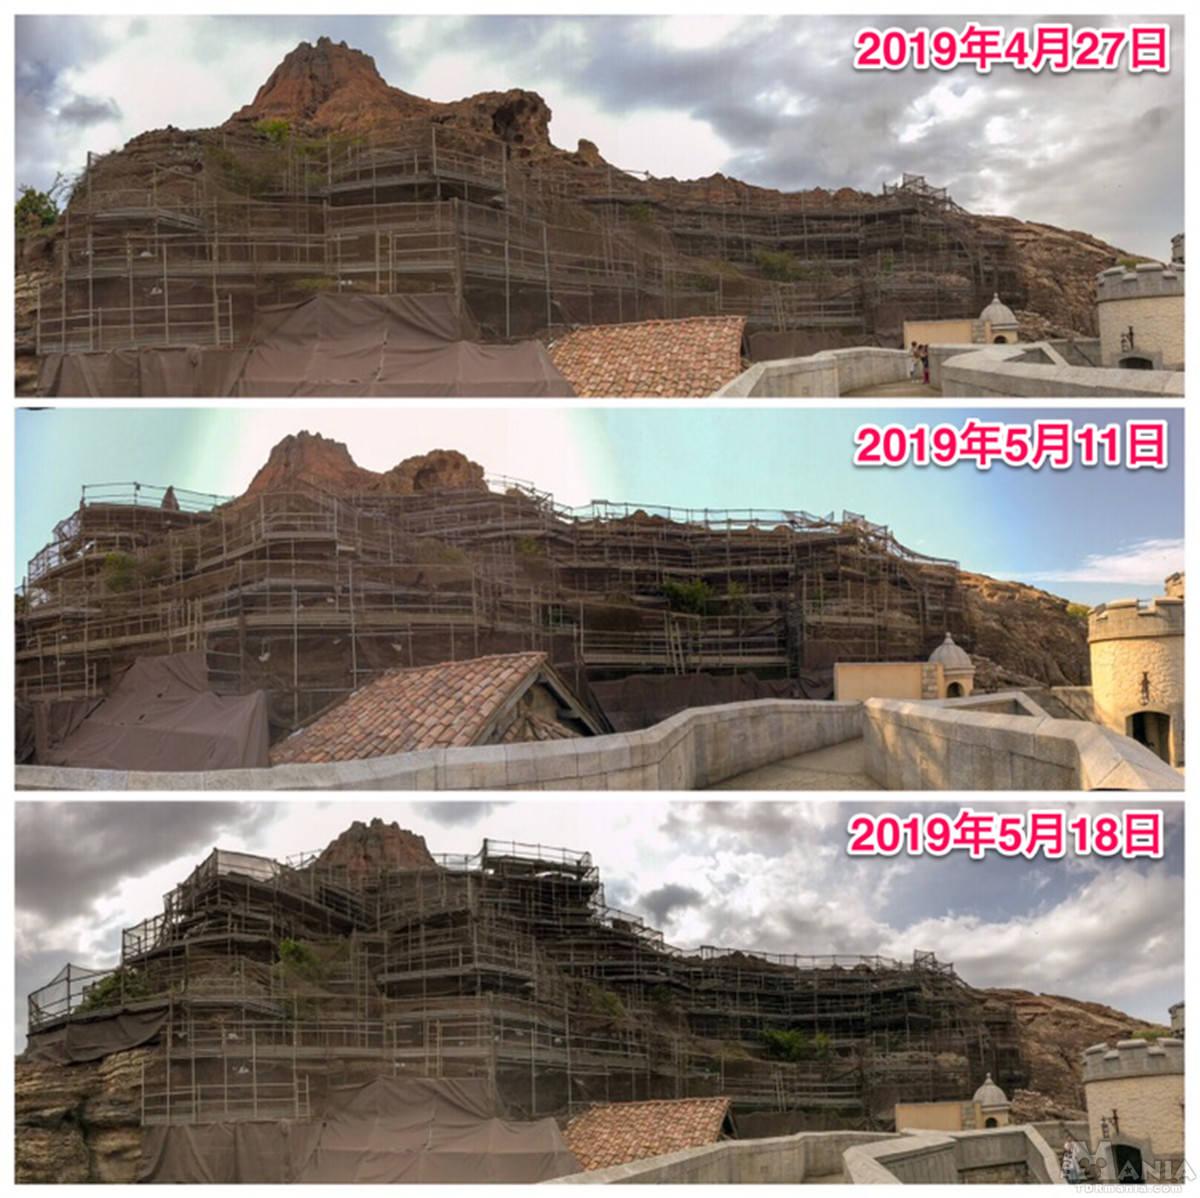 プロメテウス火山 修繕工事